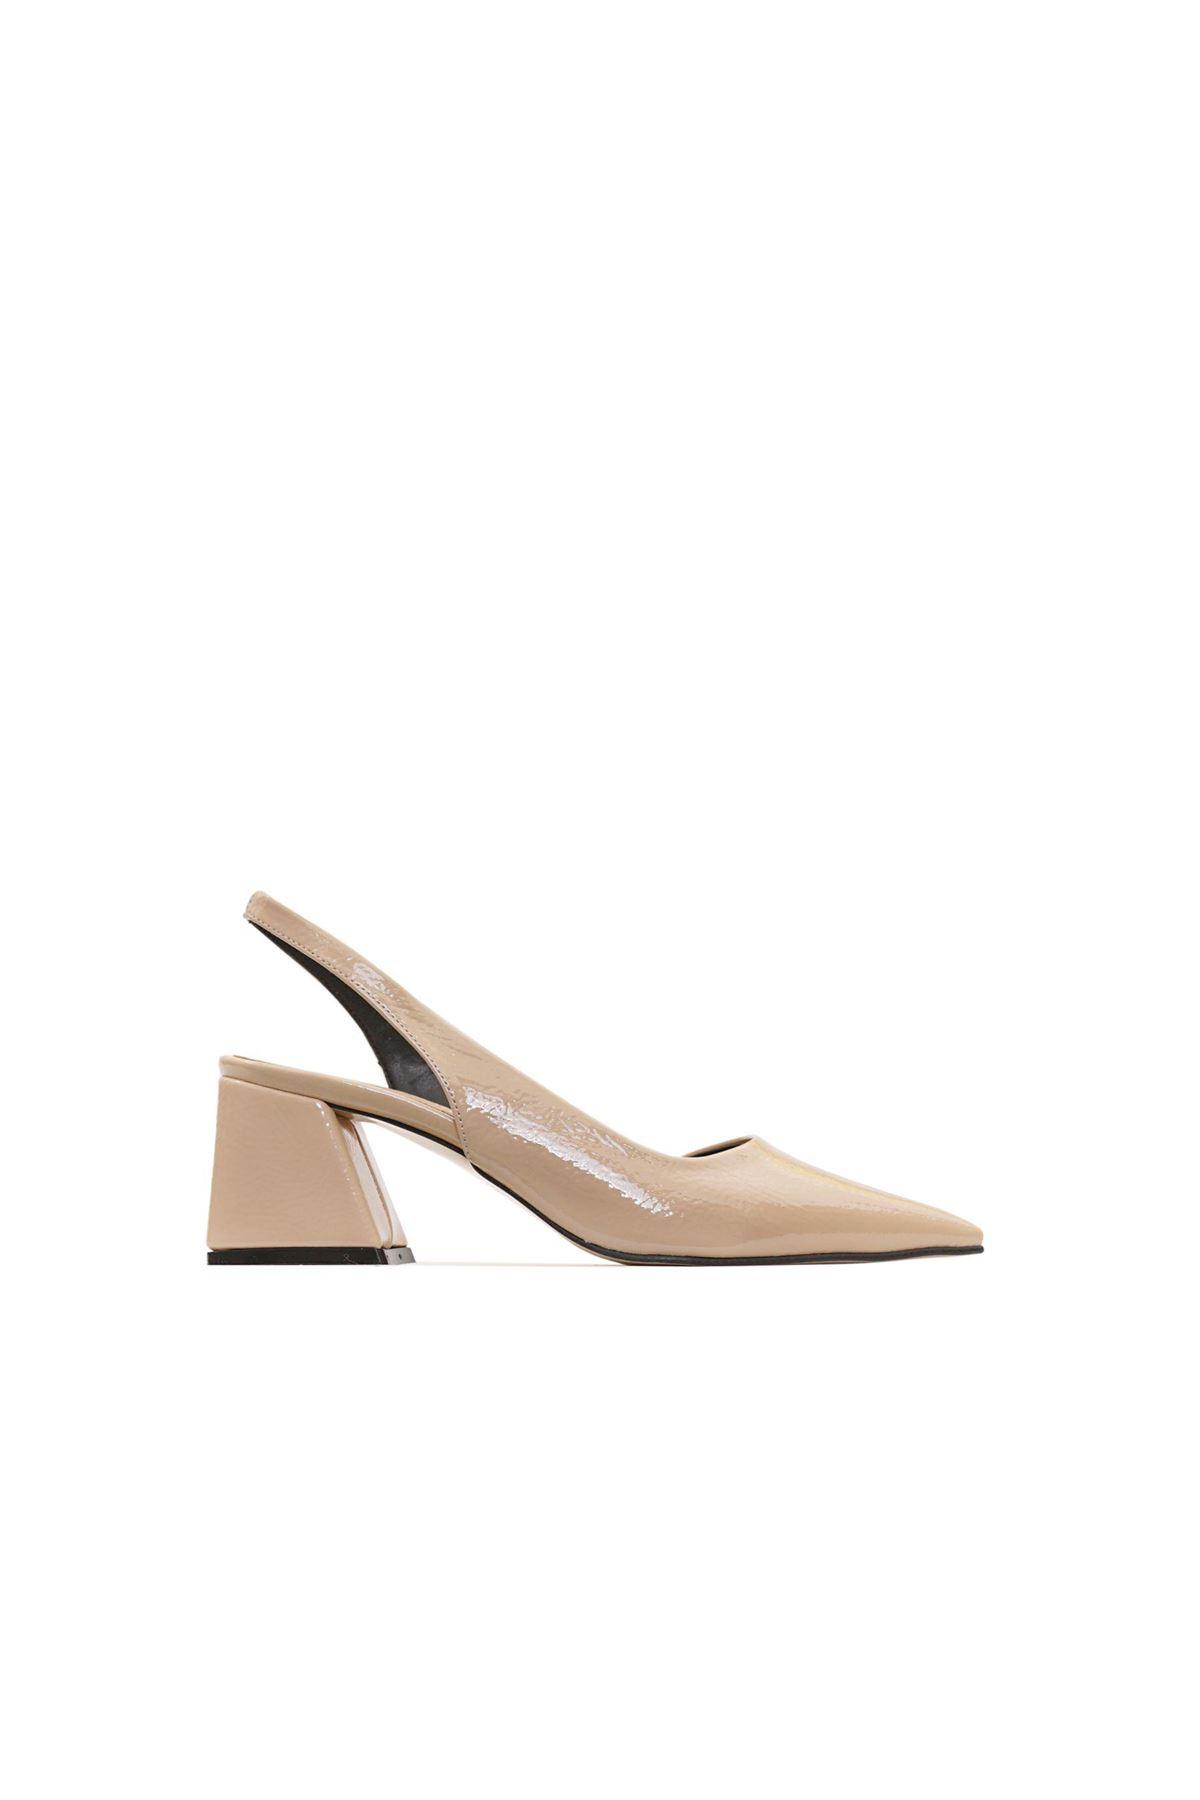 Kadın Kırışık Rugan Ayakkabı - Bej